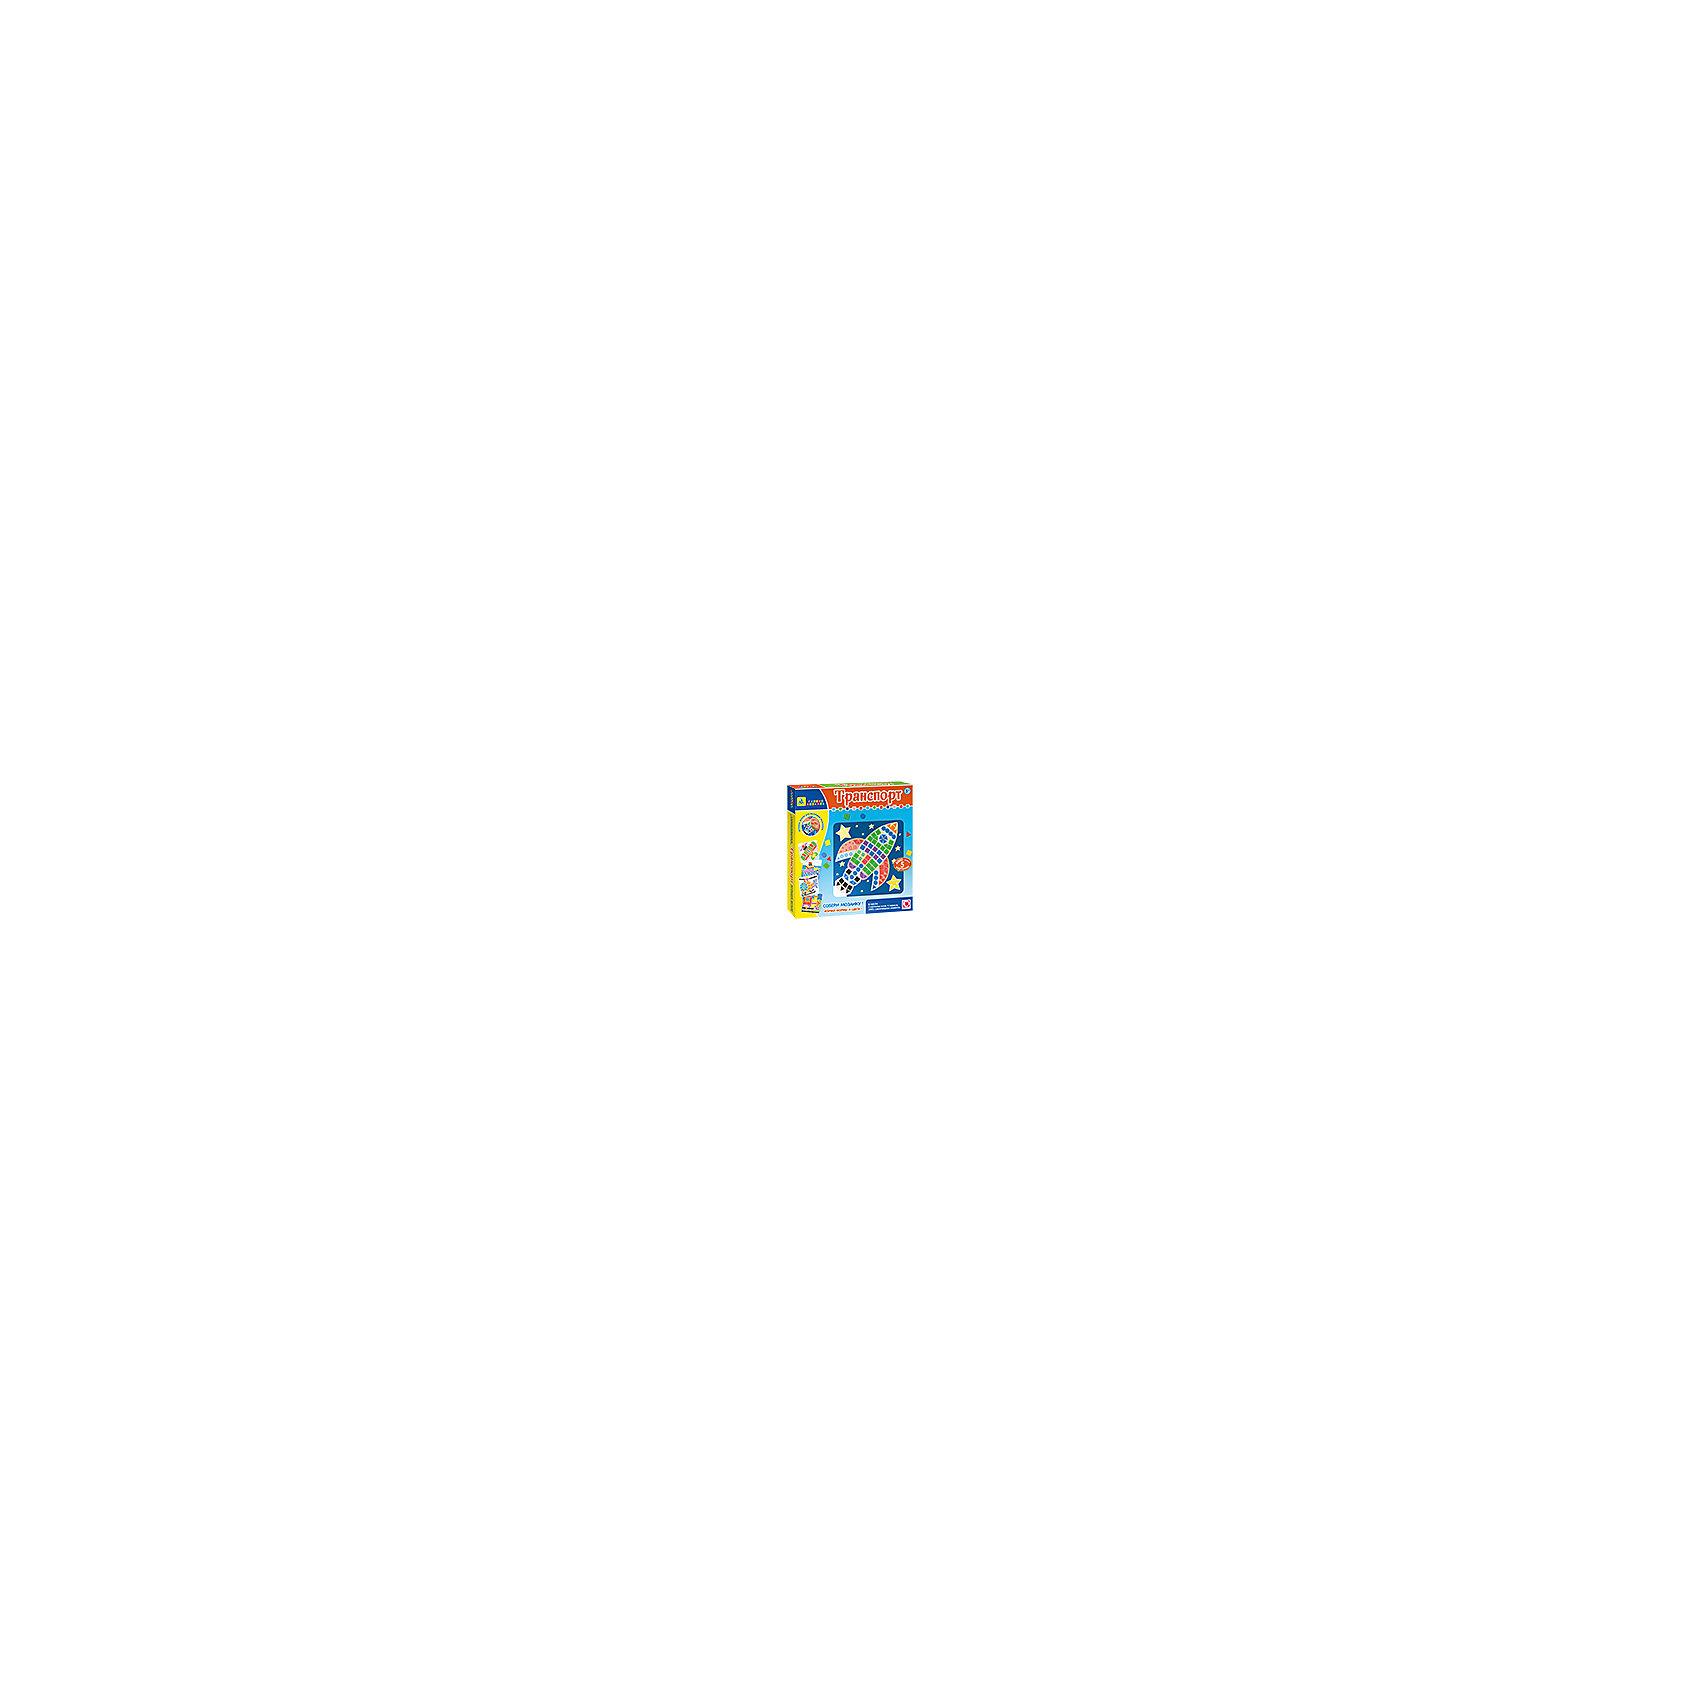 Origami Мозаика-набор Транспорт, 5 картинок росмэн набор аппликаций золотая осень 5 картинок